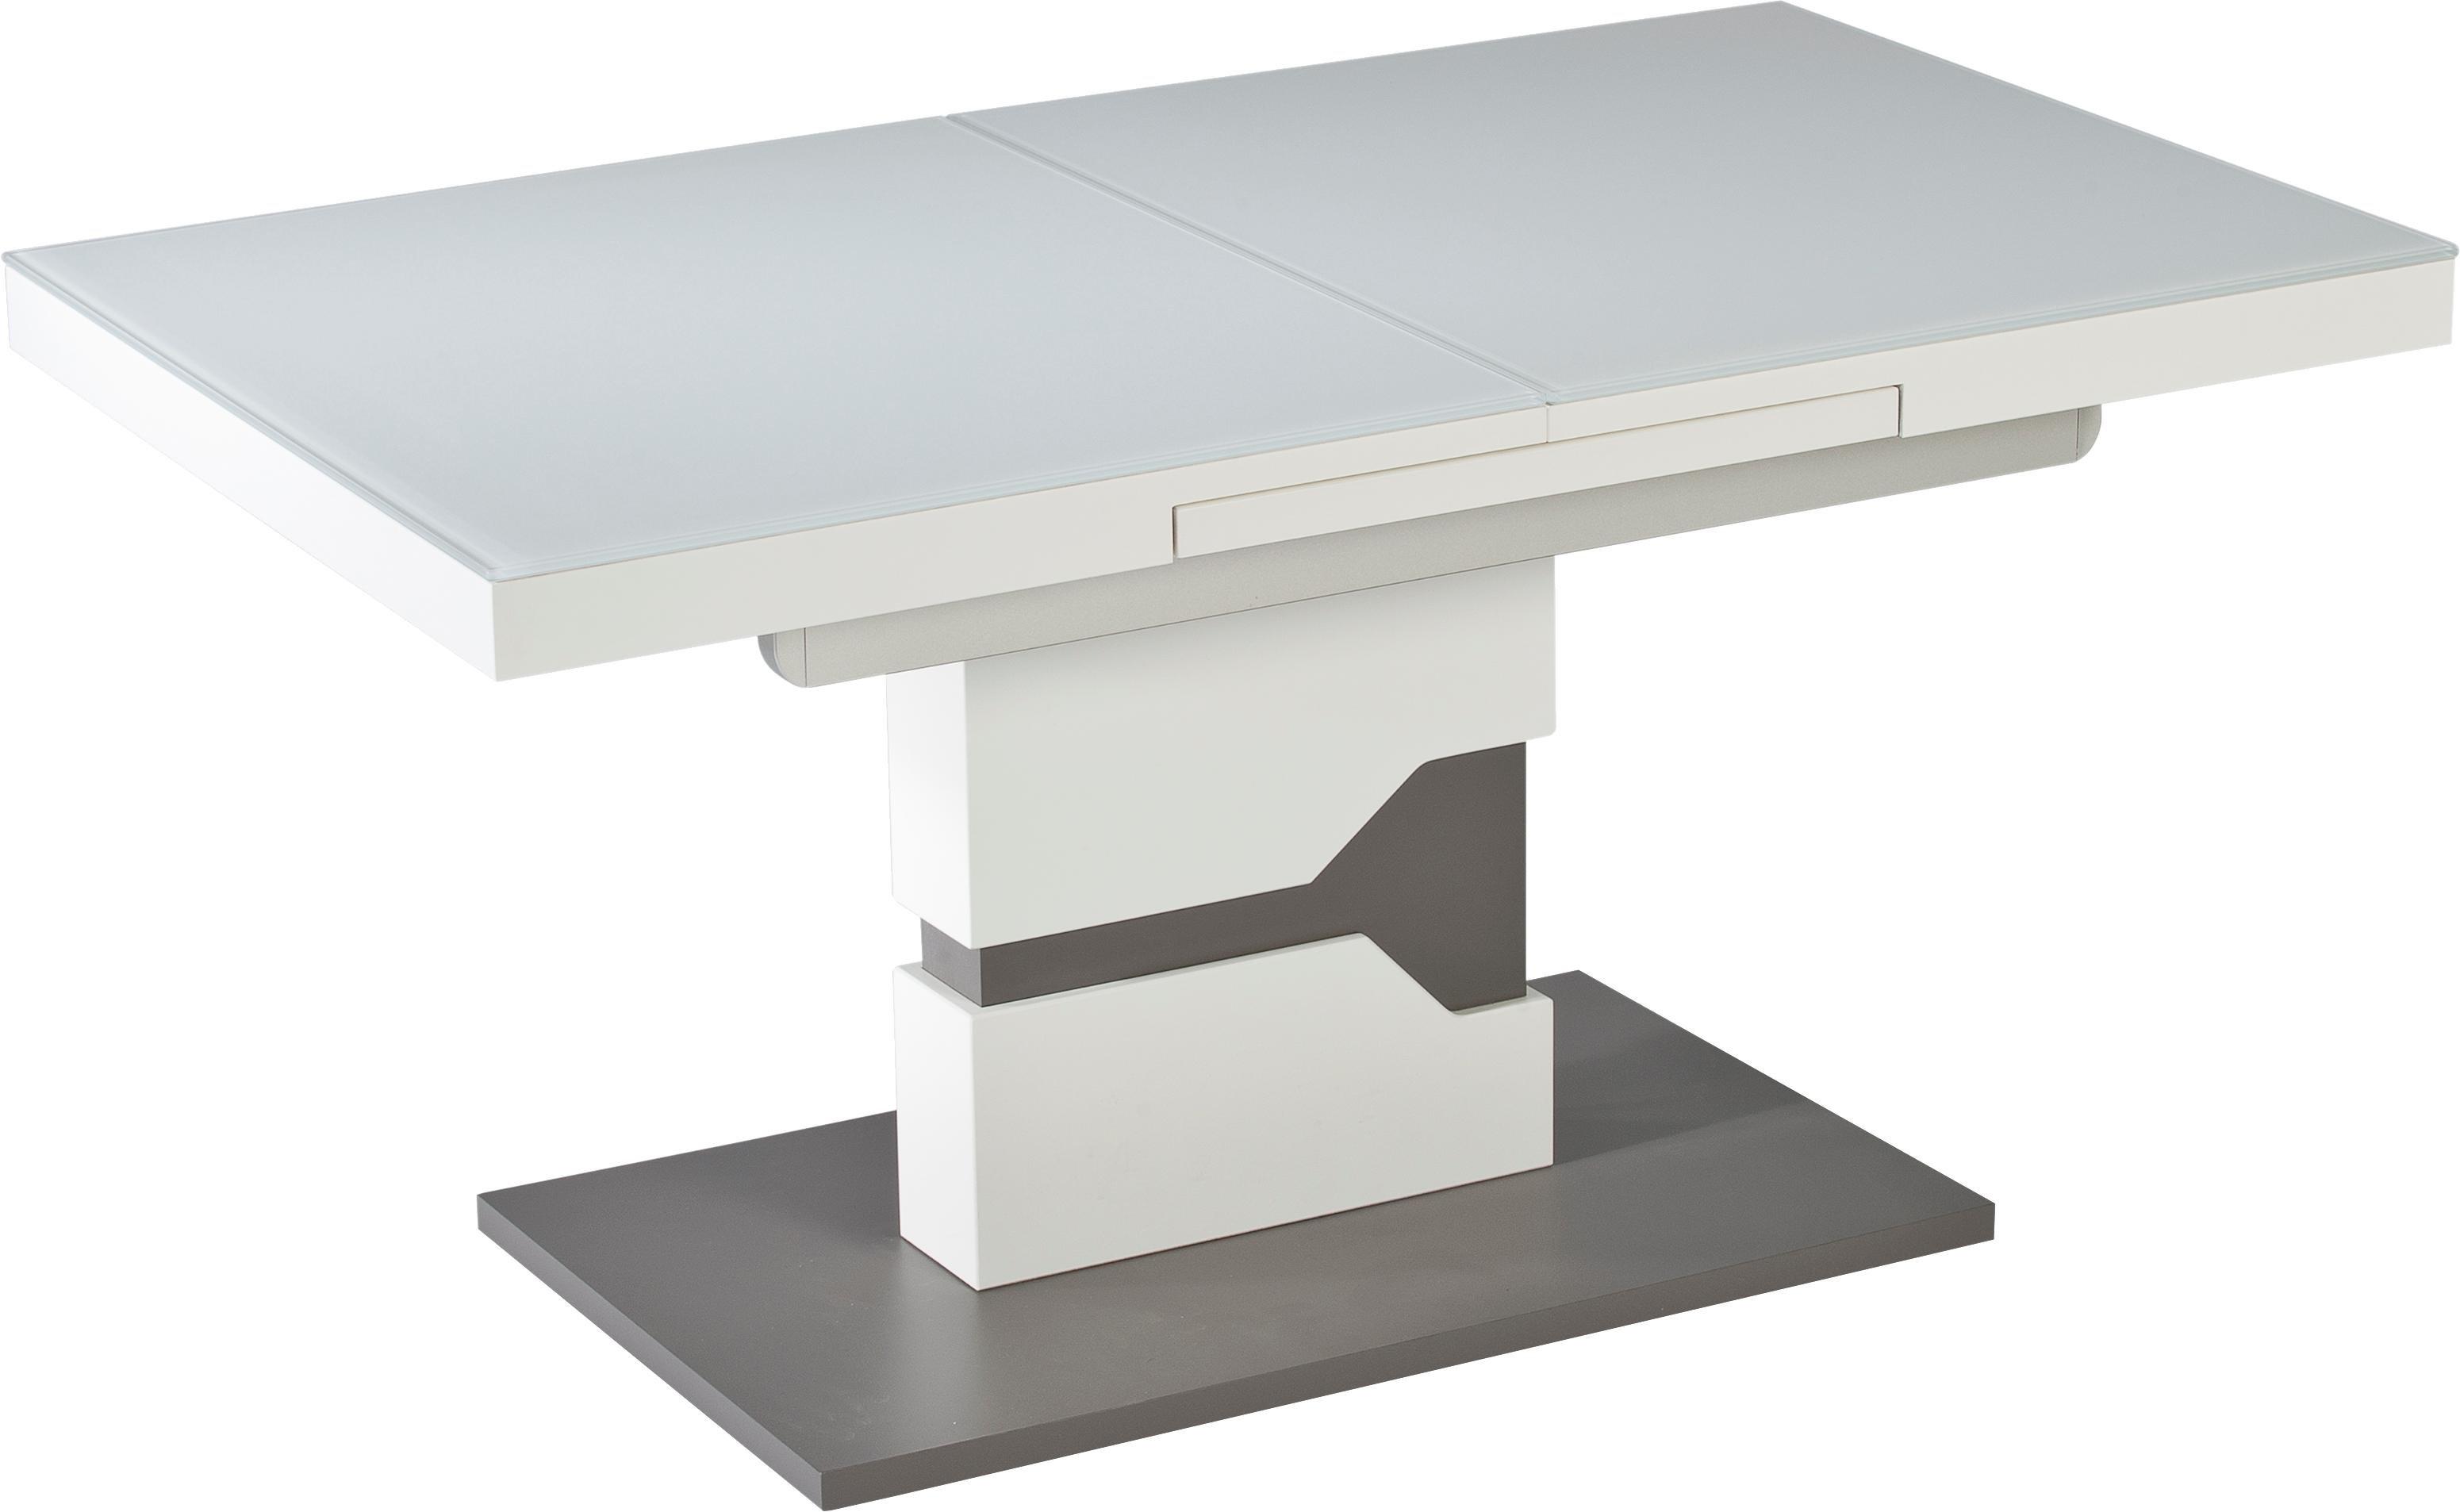 Vierhaus salontafel In hoogte verstelbaar en uittrekbaar nu online kopen bij OTTO